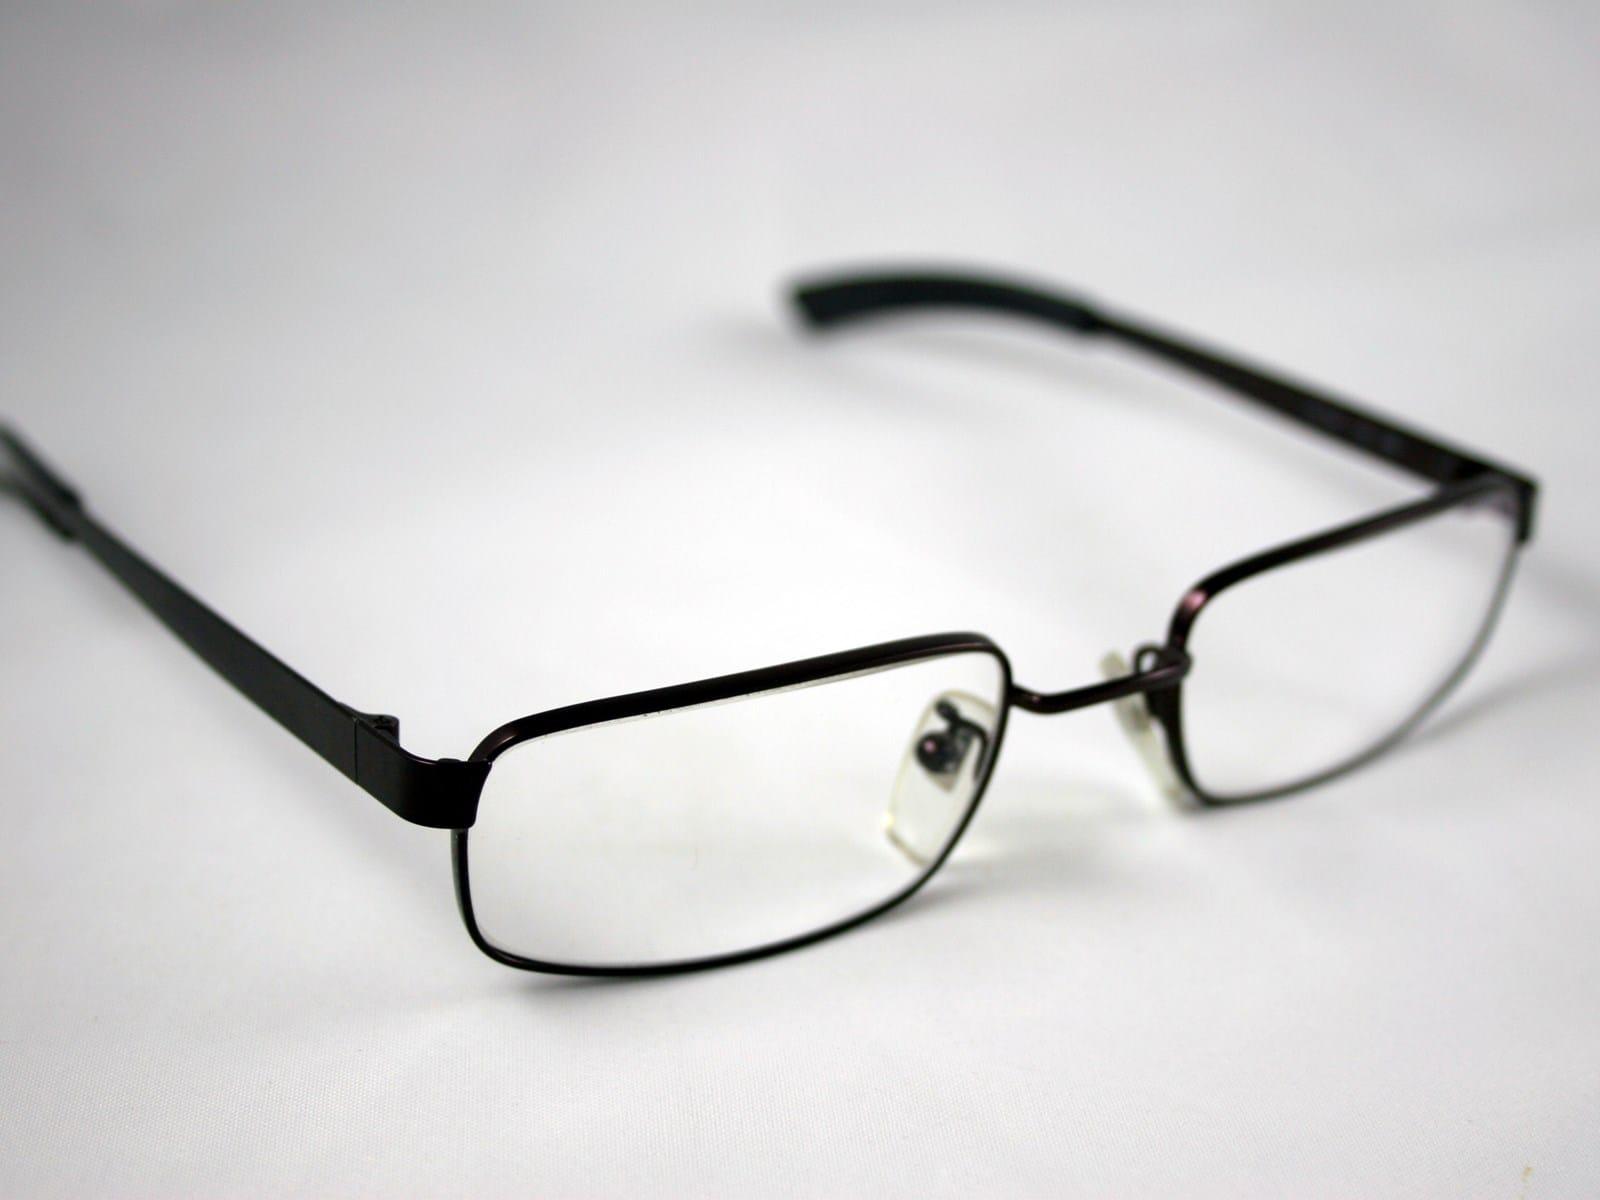 Todas las gafas se pueden ajustar para que no estén torcidas ...